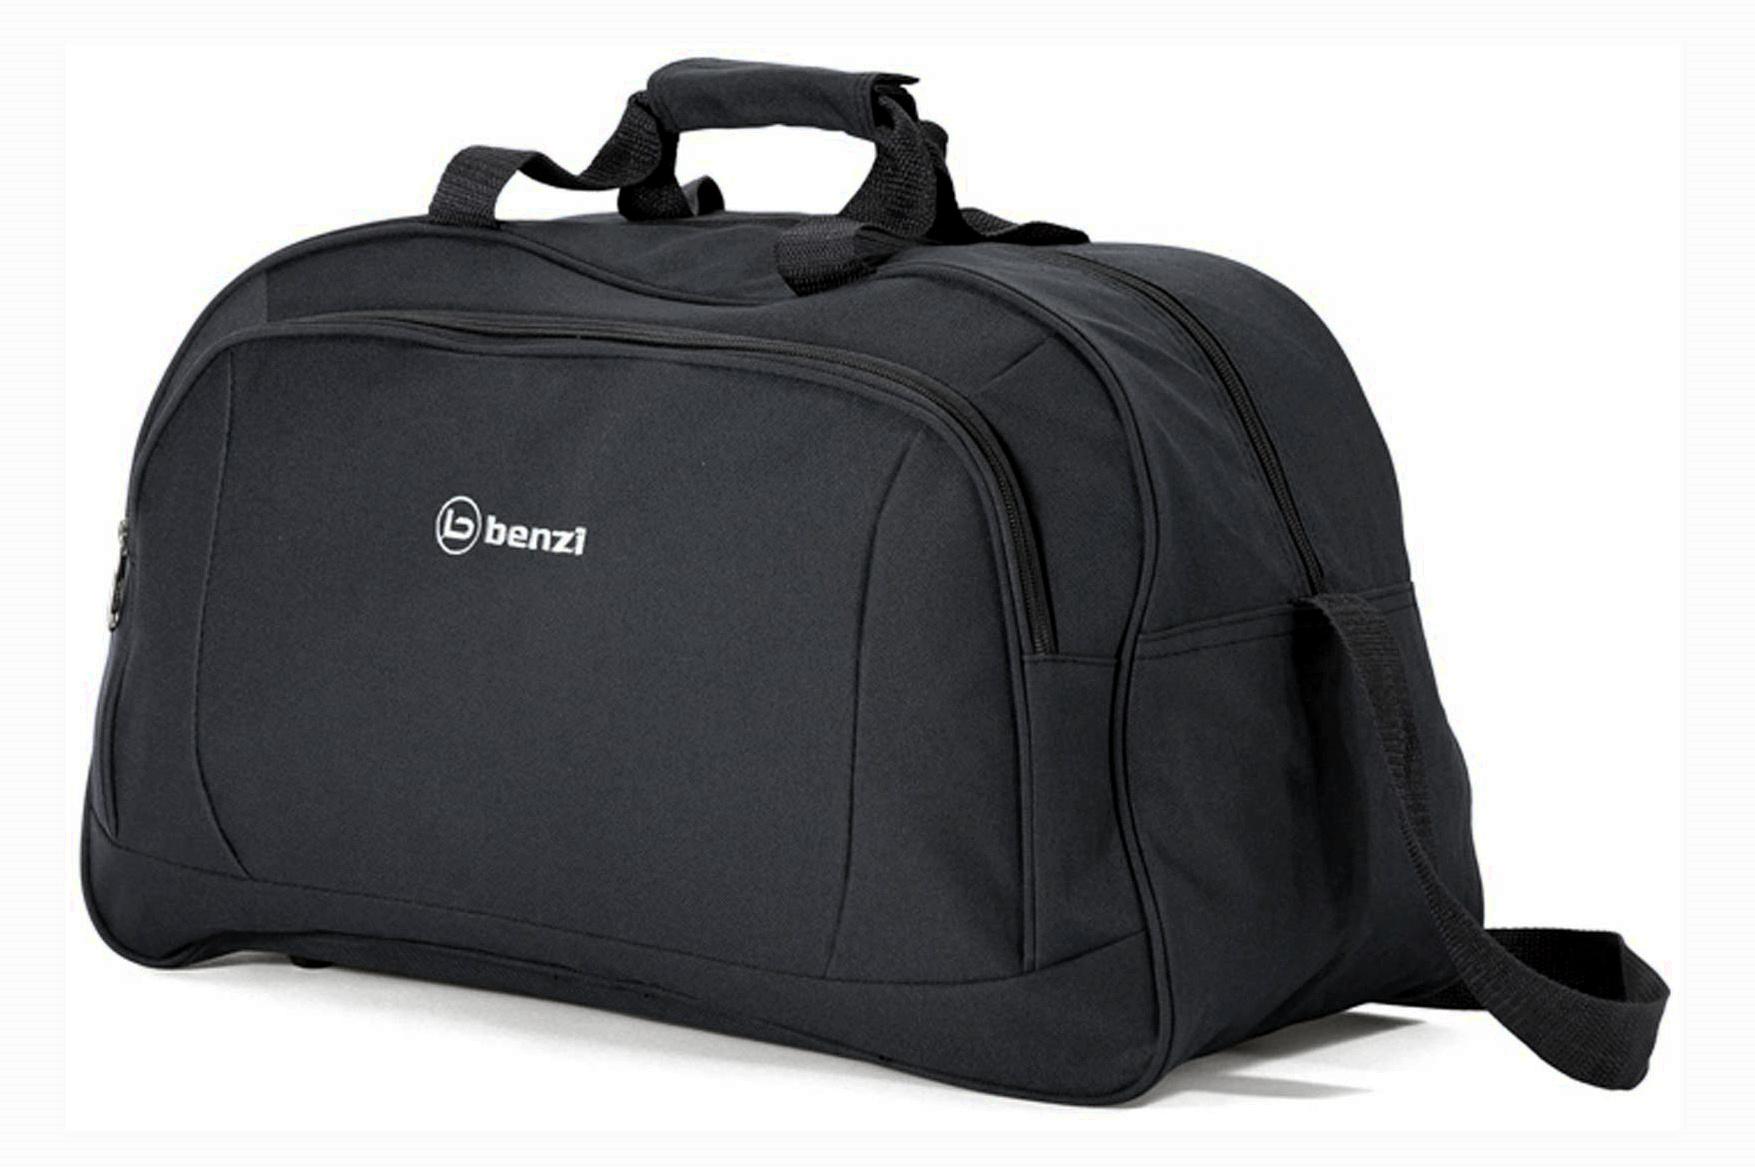 Σακ βουαγιάζ 49χ29χ23εκ. benzi 4636 Black - benzi - bz-4636-black καλοκαιρινα  βαλίτσες   τσάντες ταξιδίου